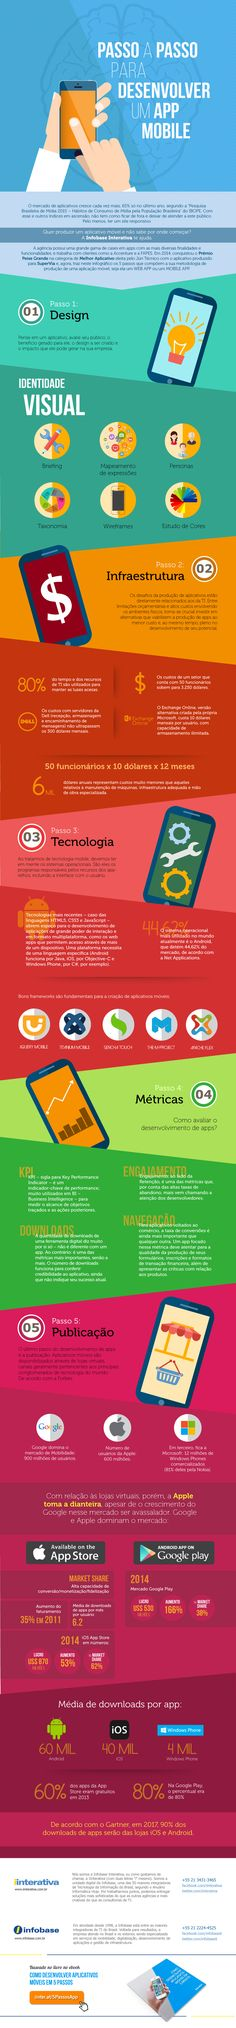 passo-a-passo-para-desenvolver-um-app-mobile---com-alterações